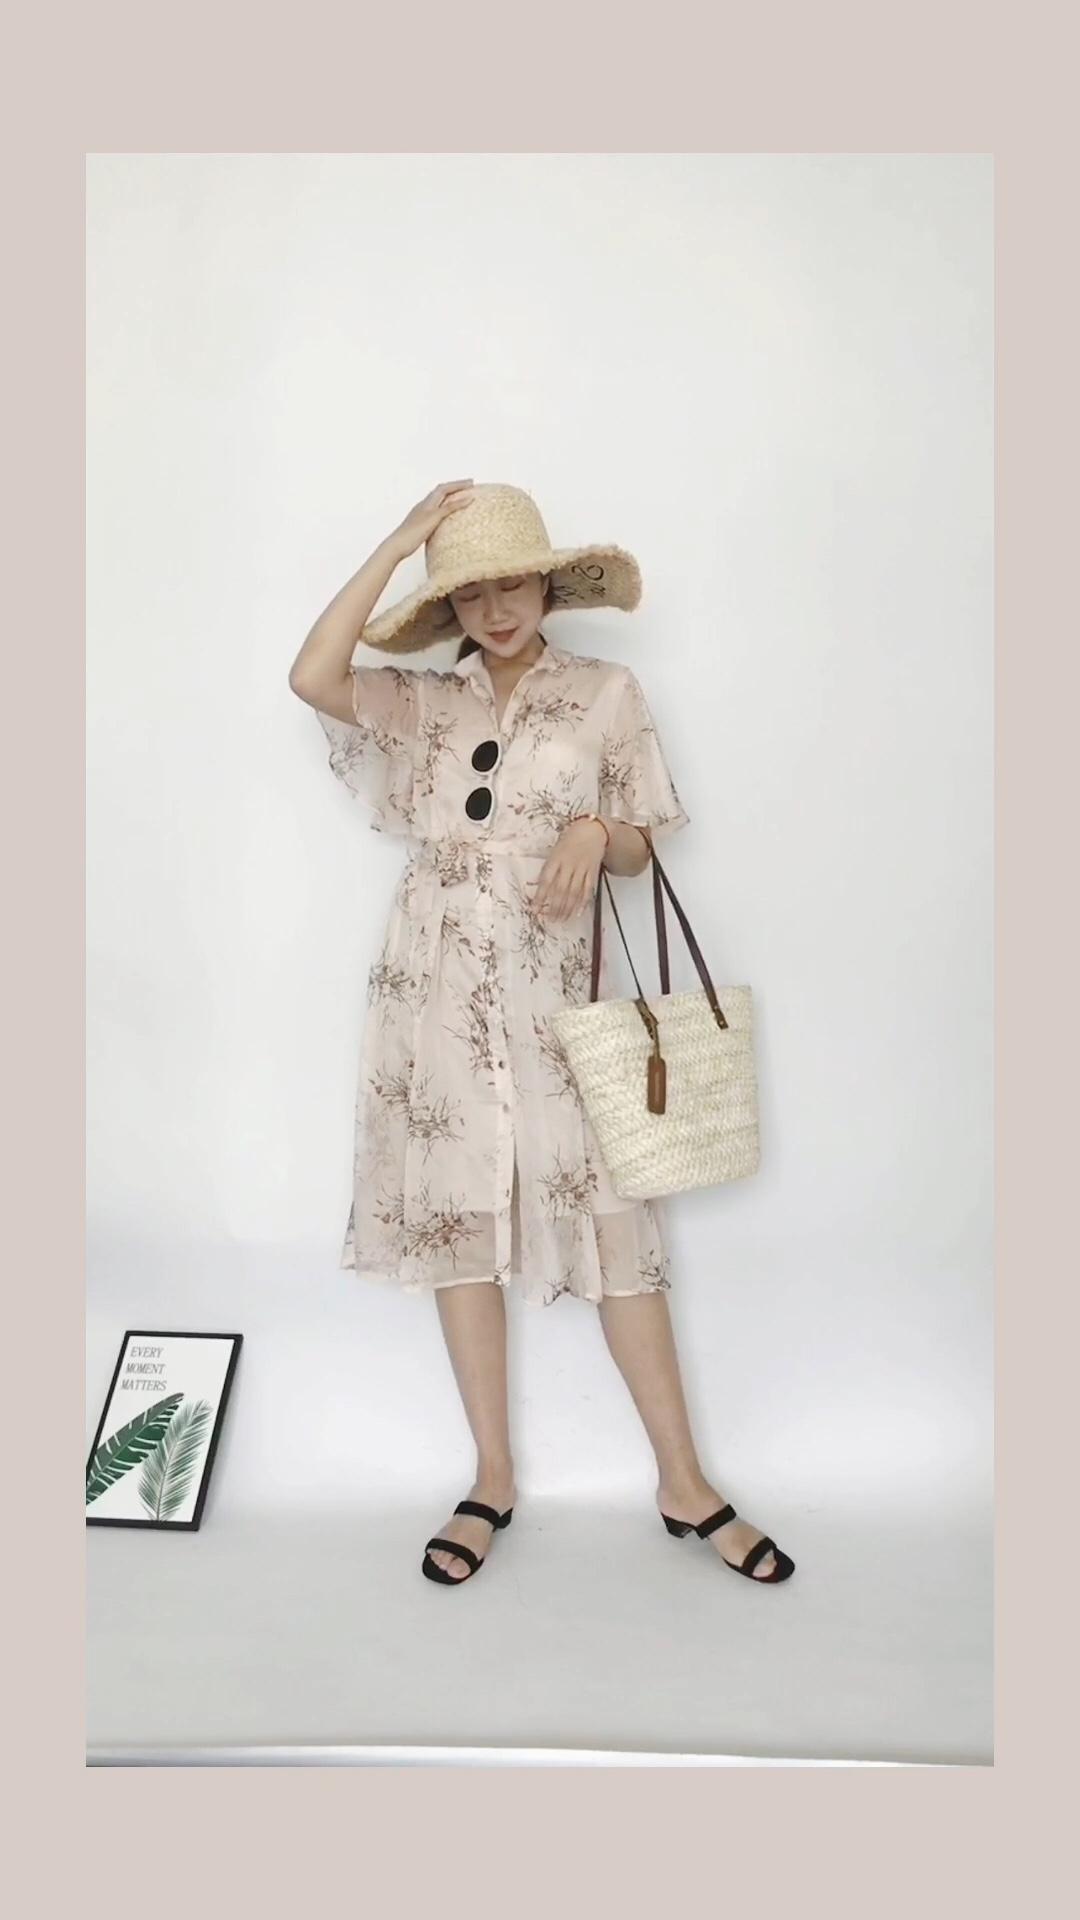 #水蜜桃季,穿成这样才讨喜!# 每日穿搭 这条裙子的颜色太适合夏季啦 蜜桃粉超级显白 雪纺材质很清凉适合夏天 搭配大檐帽度假也是不错的选择~